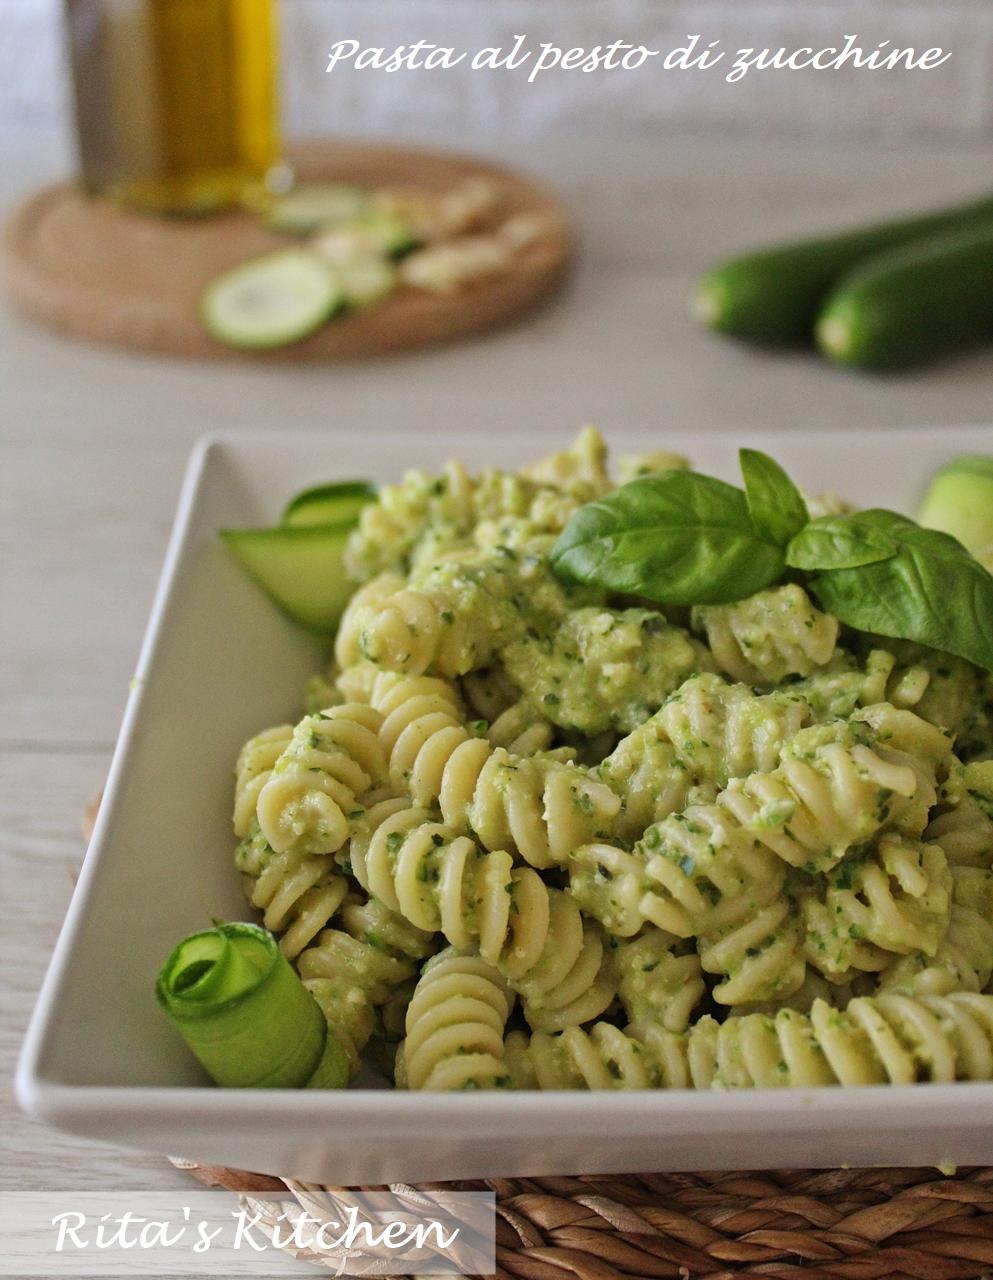 pasta al pesto di zucchine